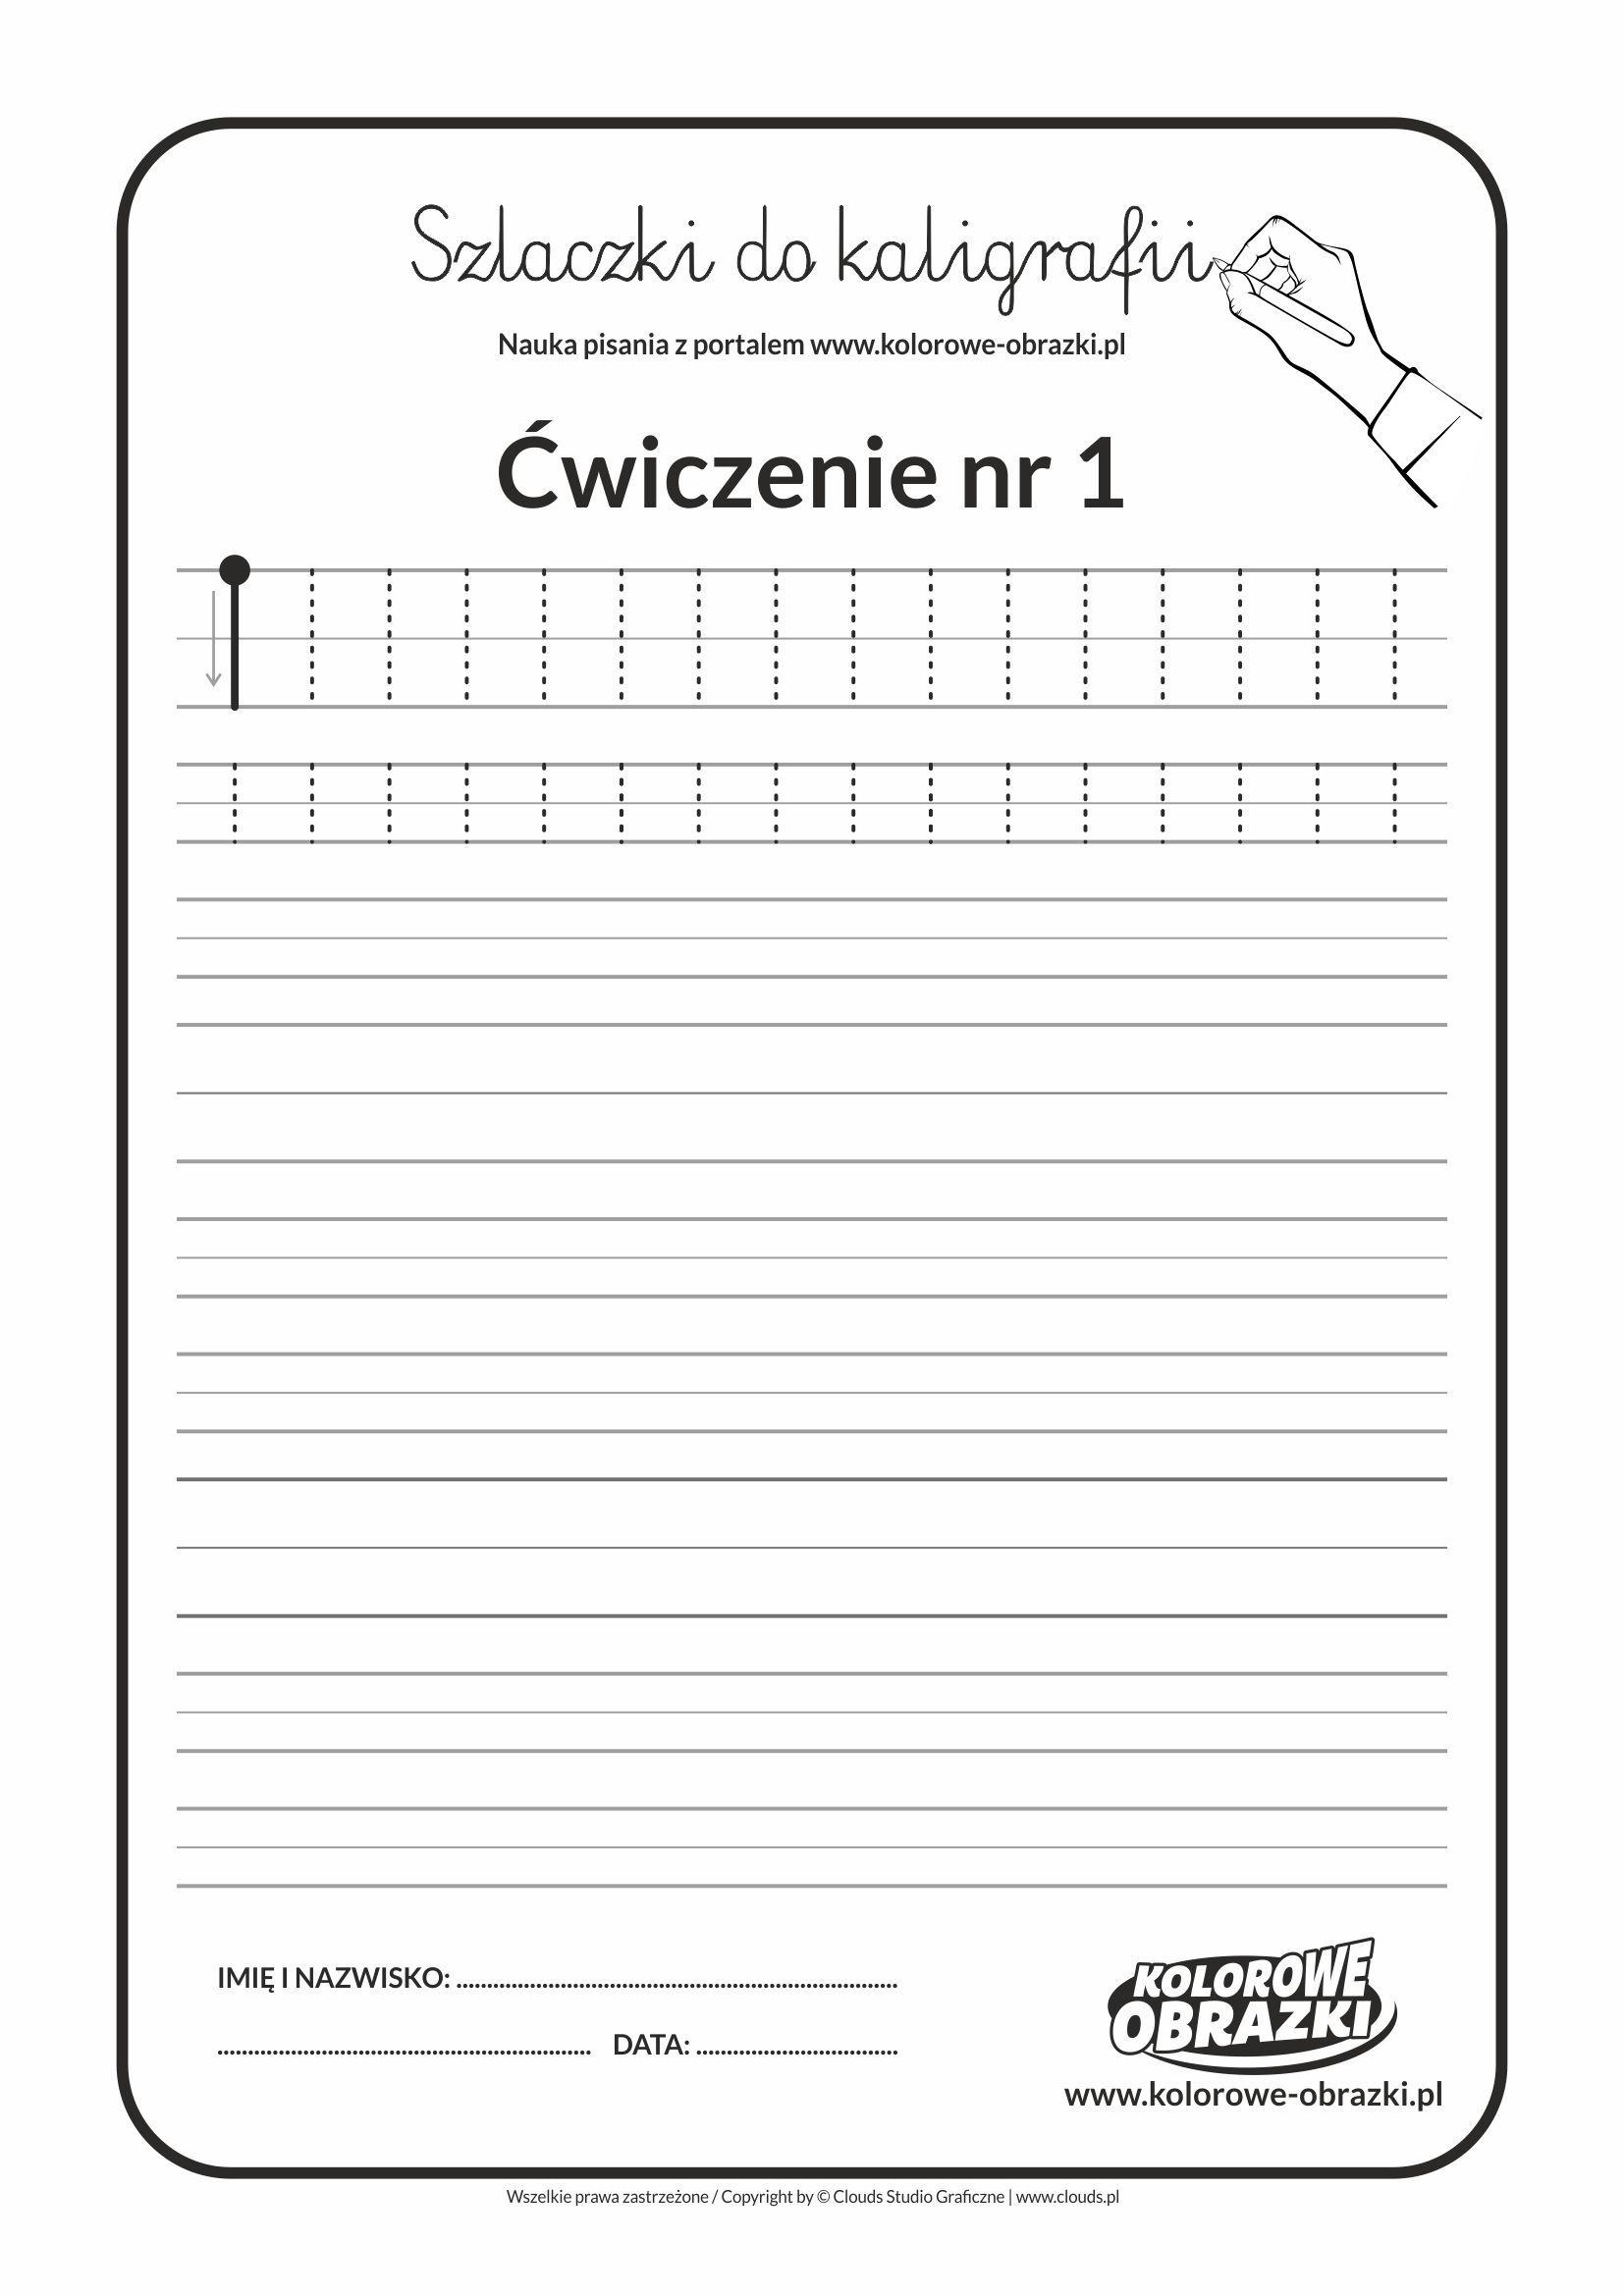 Szlaczki Nauka Kaligrafii Dla Dzieci Cwiczenie Nr 1 With